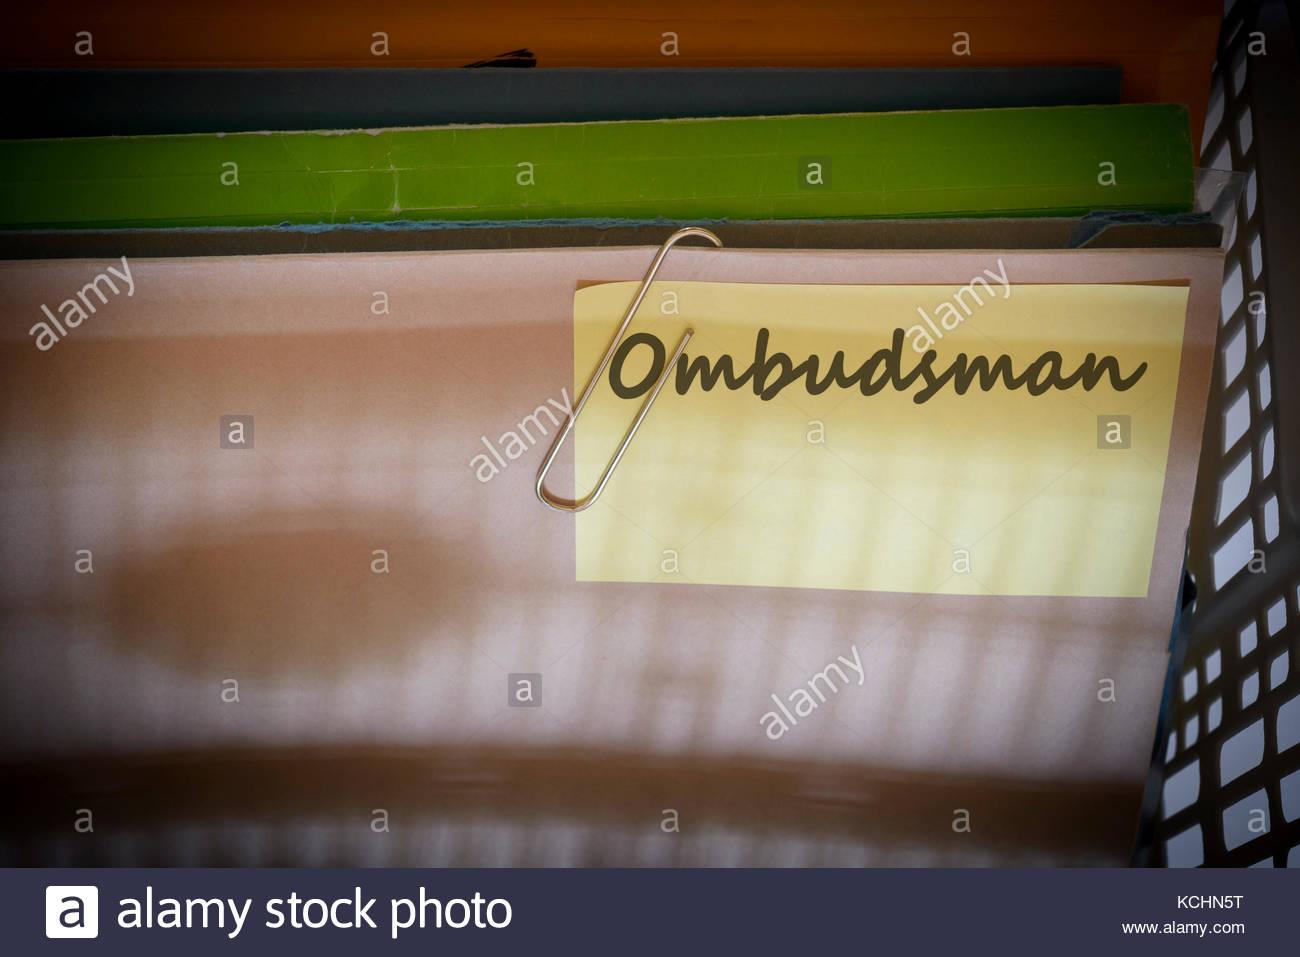 Ombudsman written on document folder, Dorset, England. - Stock Image